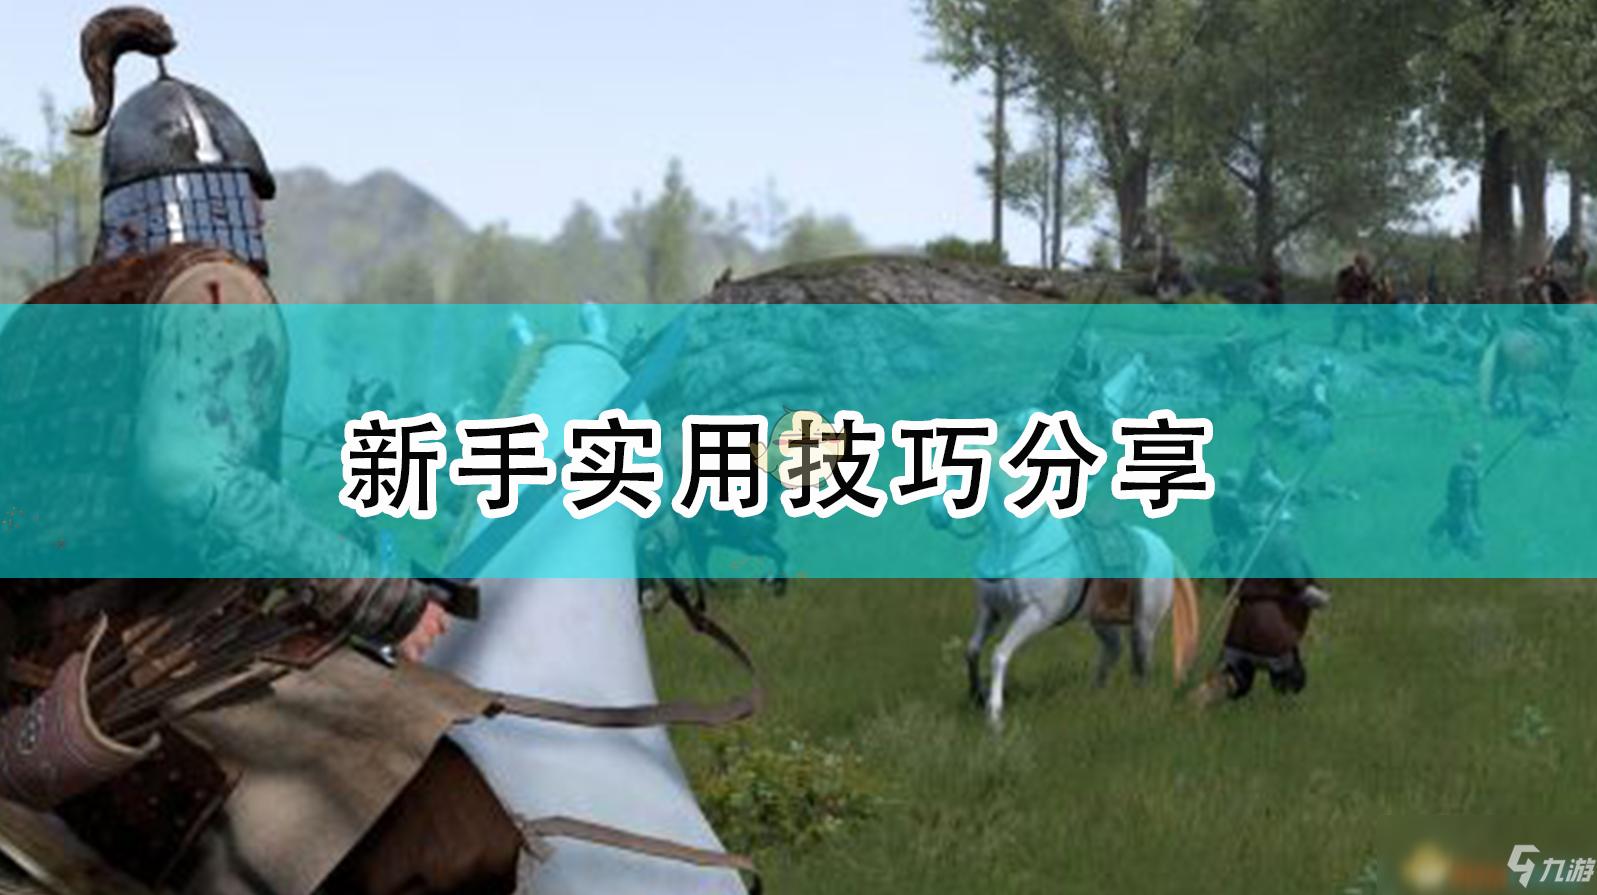 《骑马与砍杀2》新手实用技巧分享